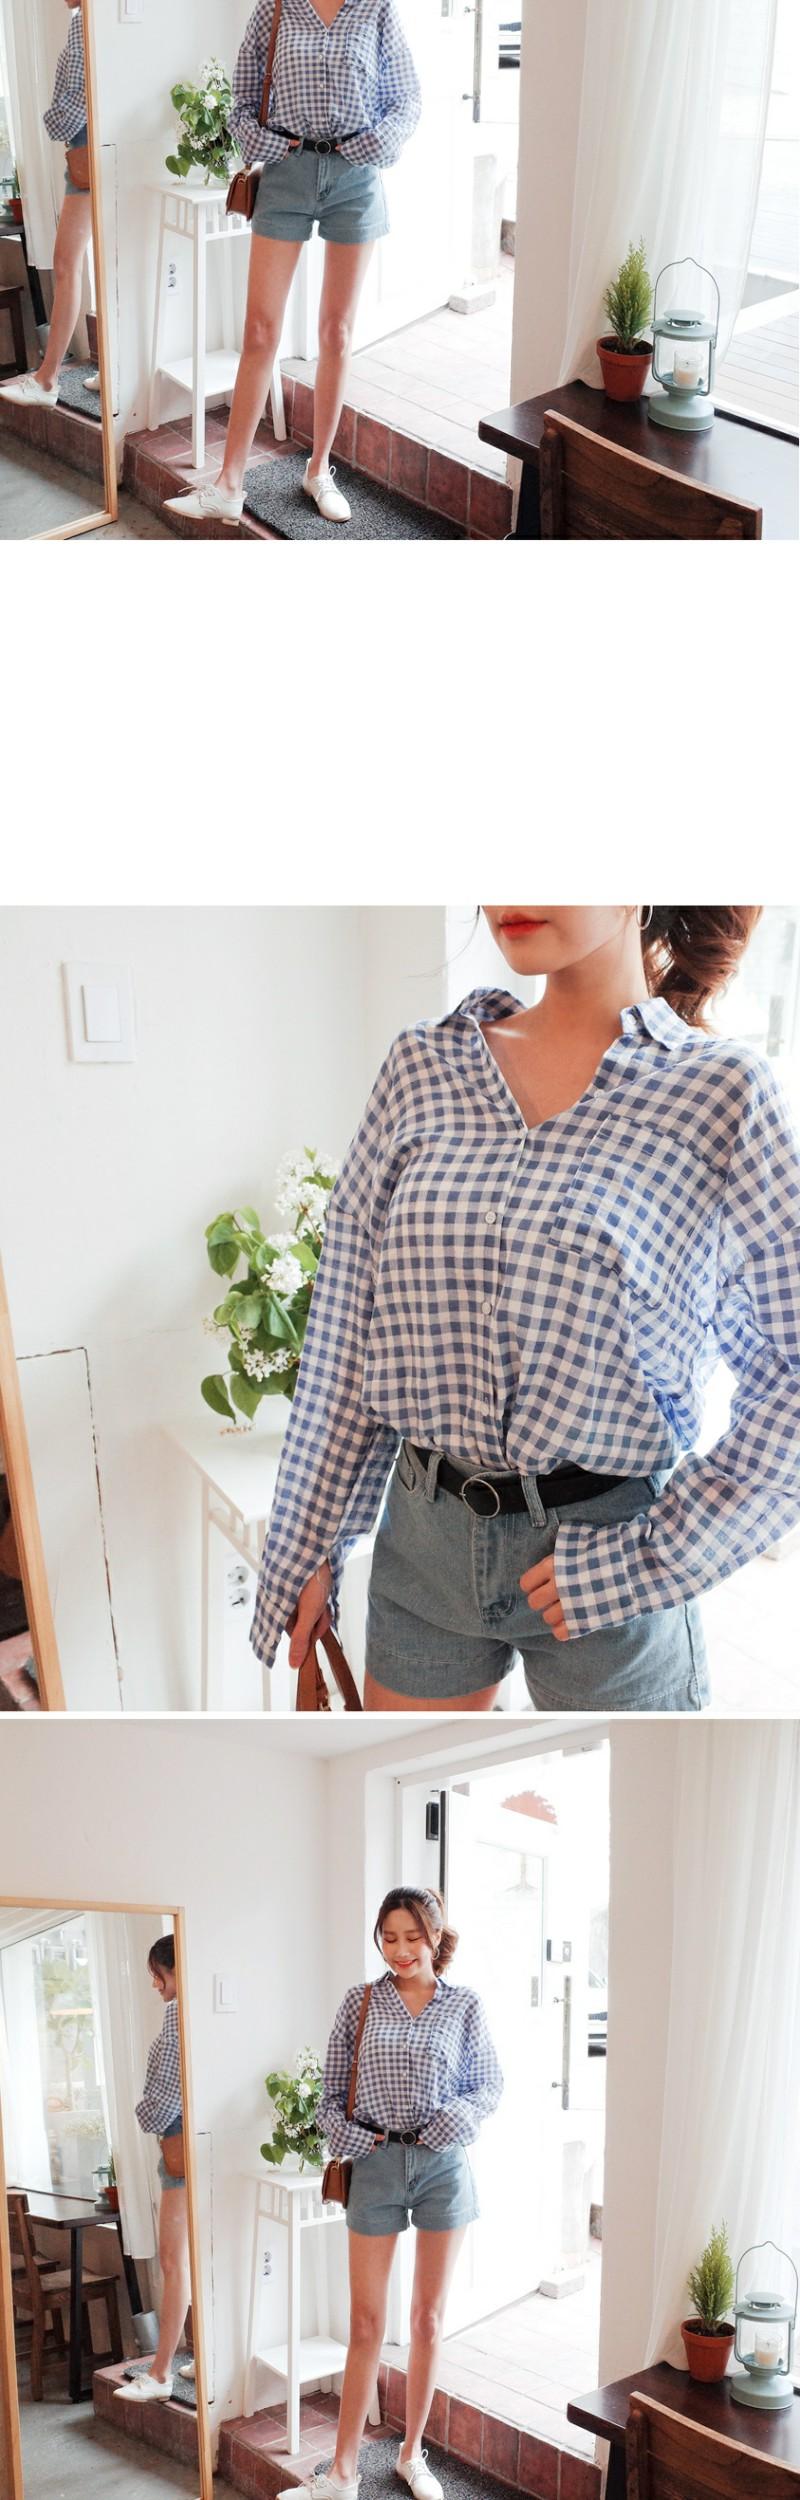 Check-like shirt